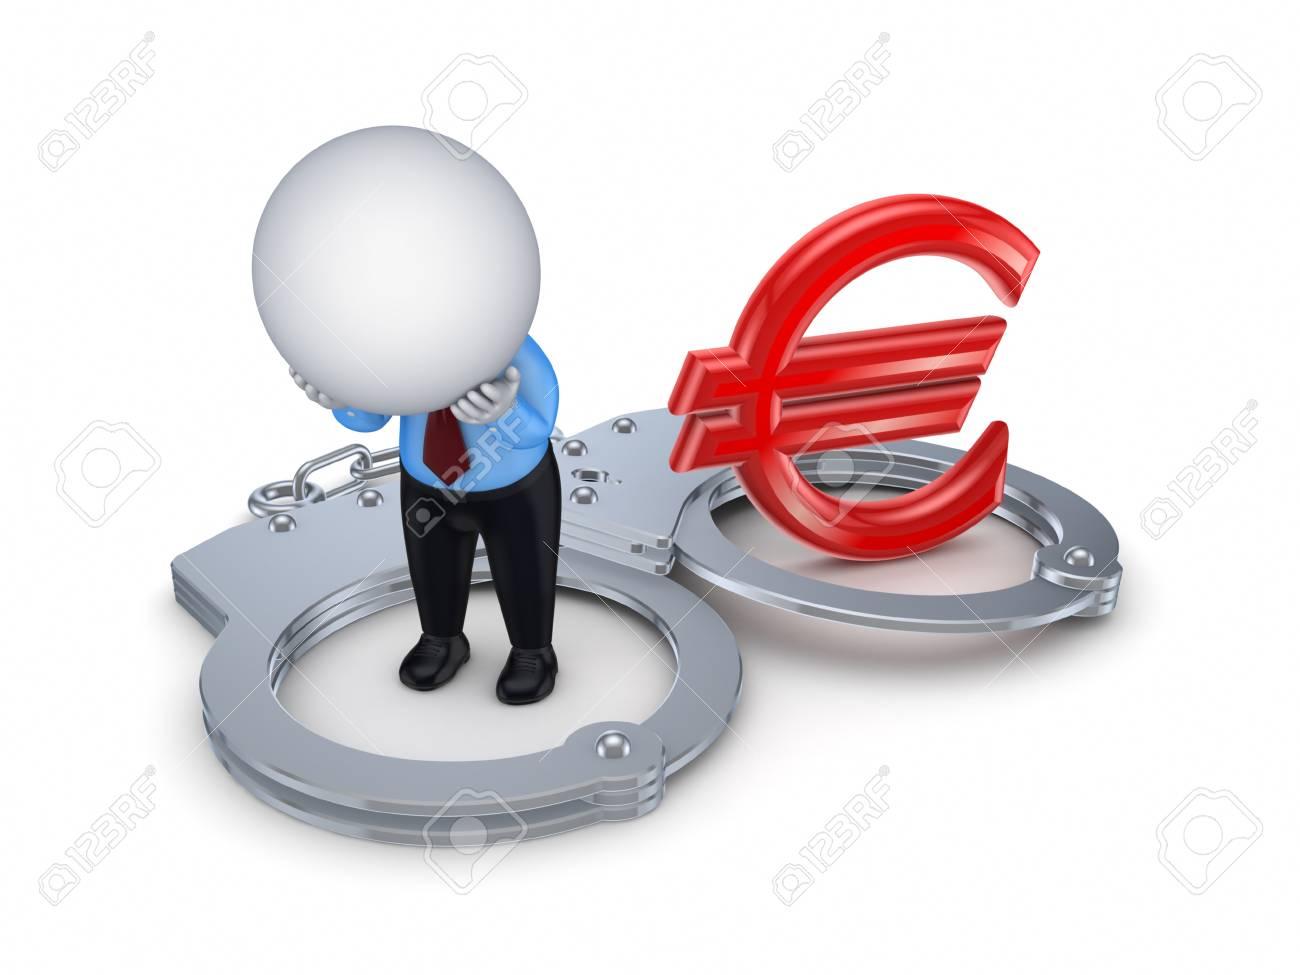 Financial crime concept Stock Photo - 17866942